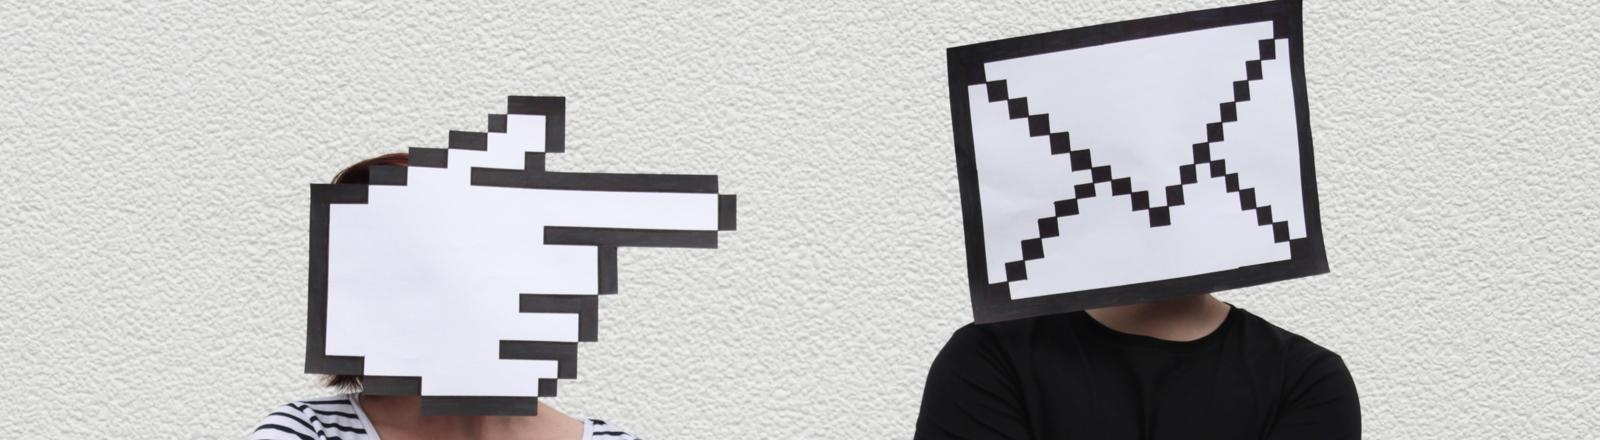 Mann und Frau mit Email-Symbolen auf den Köpfen